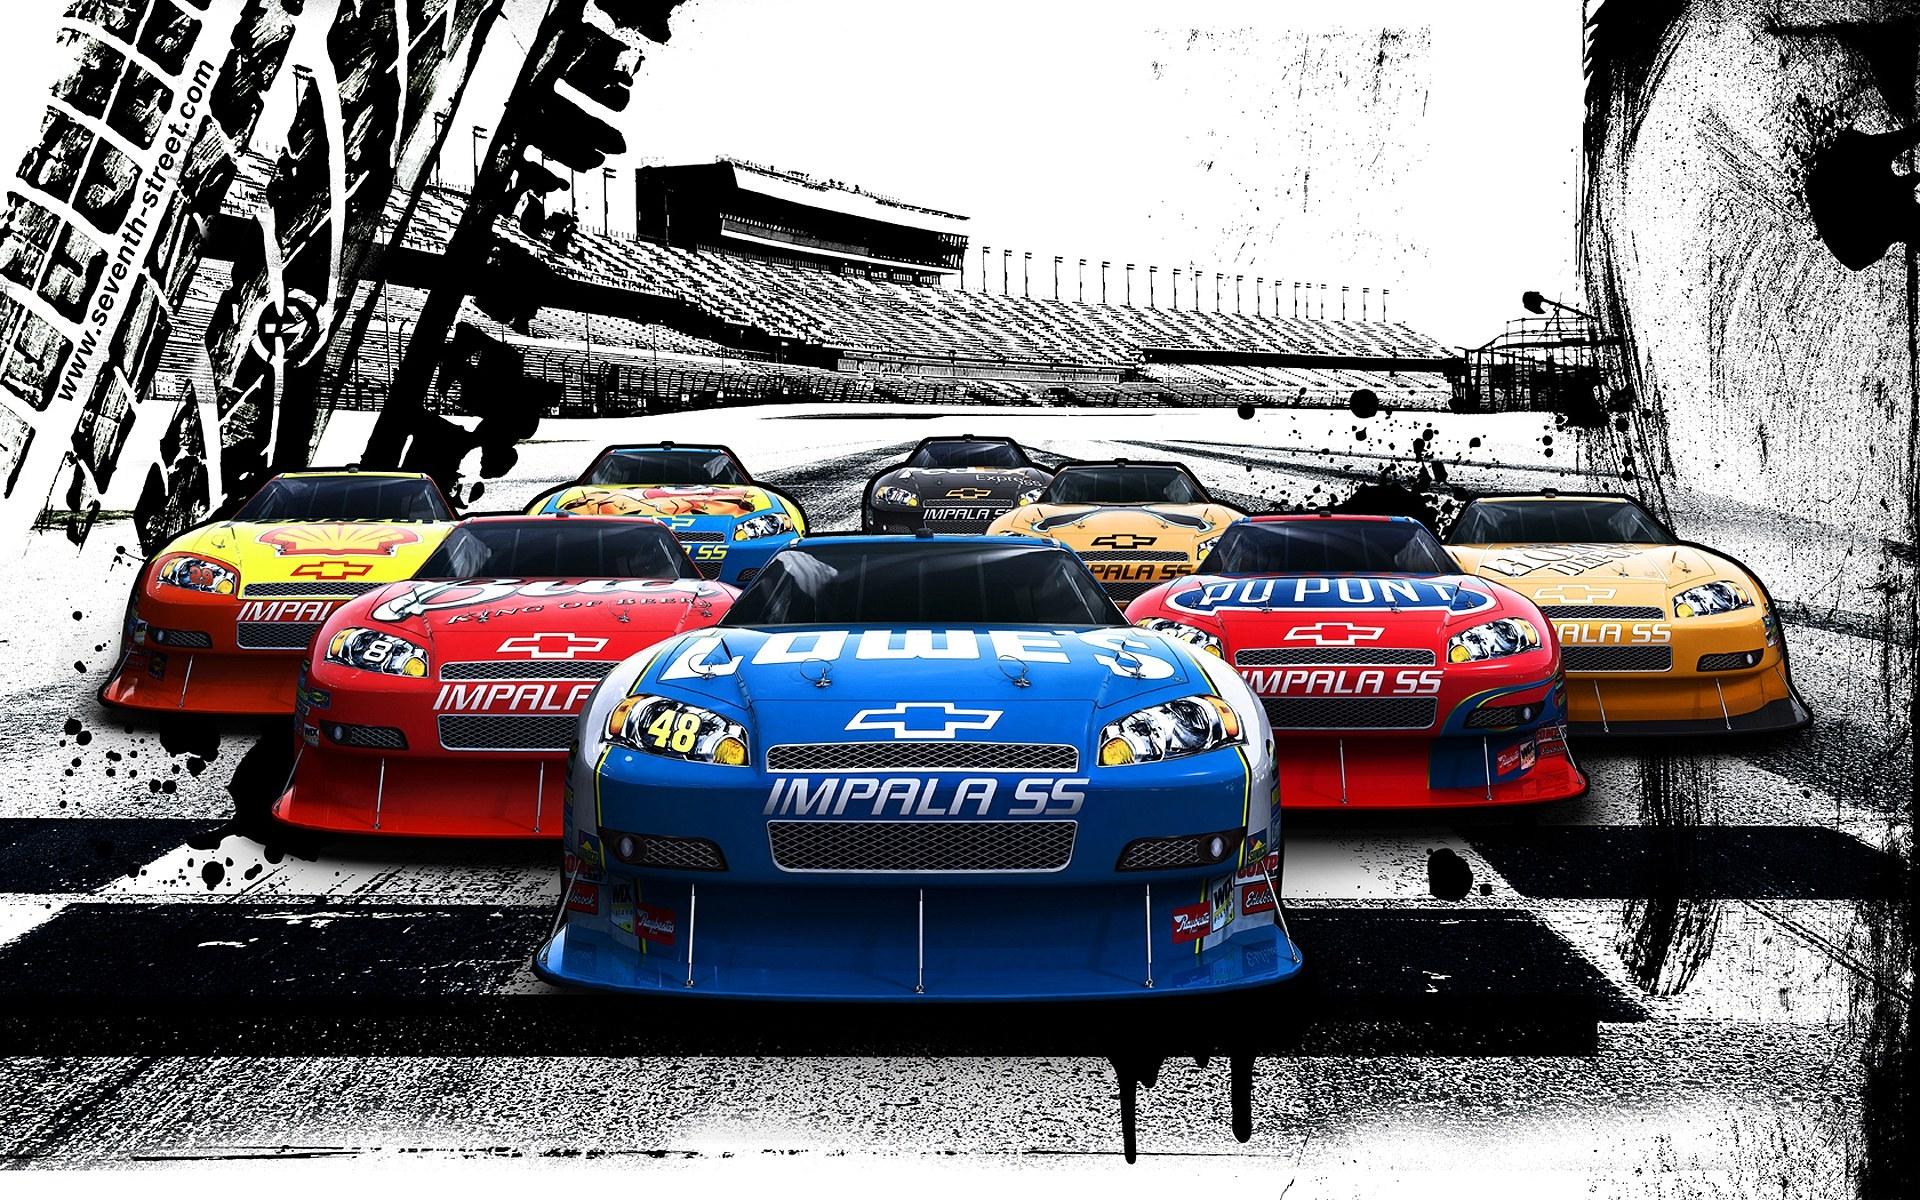 Thunderhill Race Car Wallpaper: Nascar Racing Race Cars Wallpaper